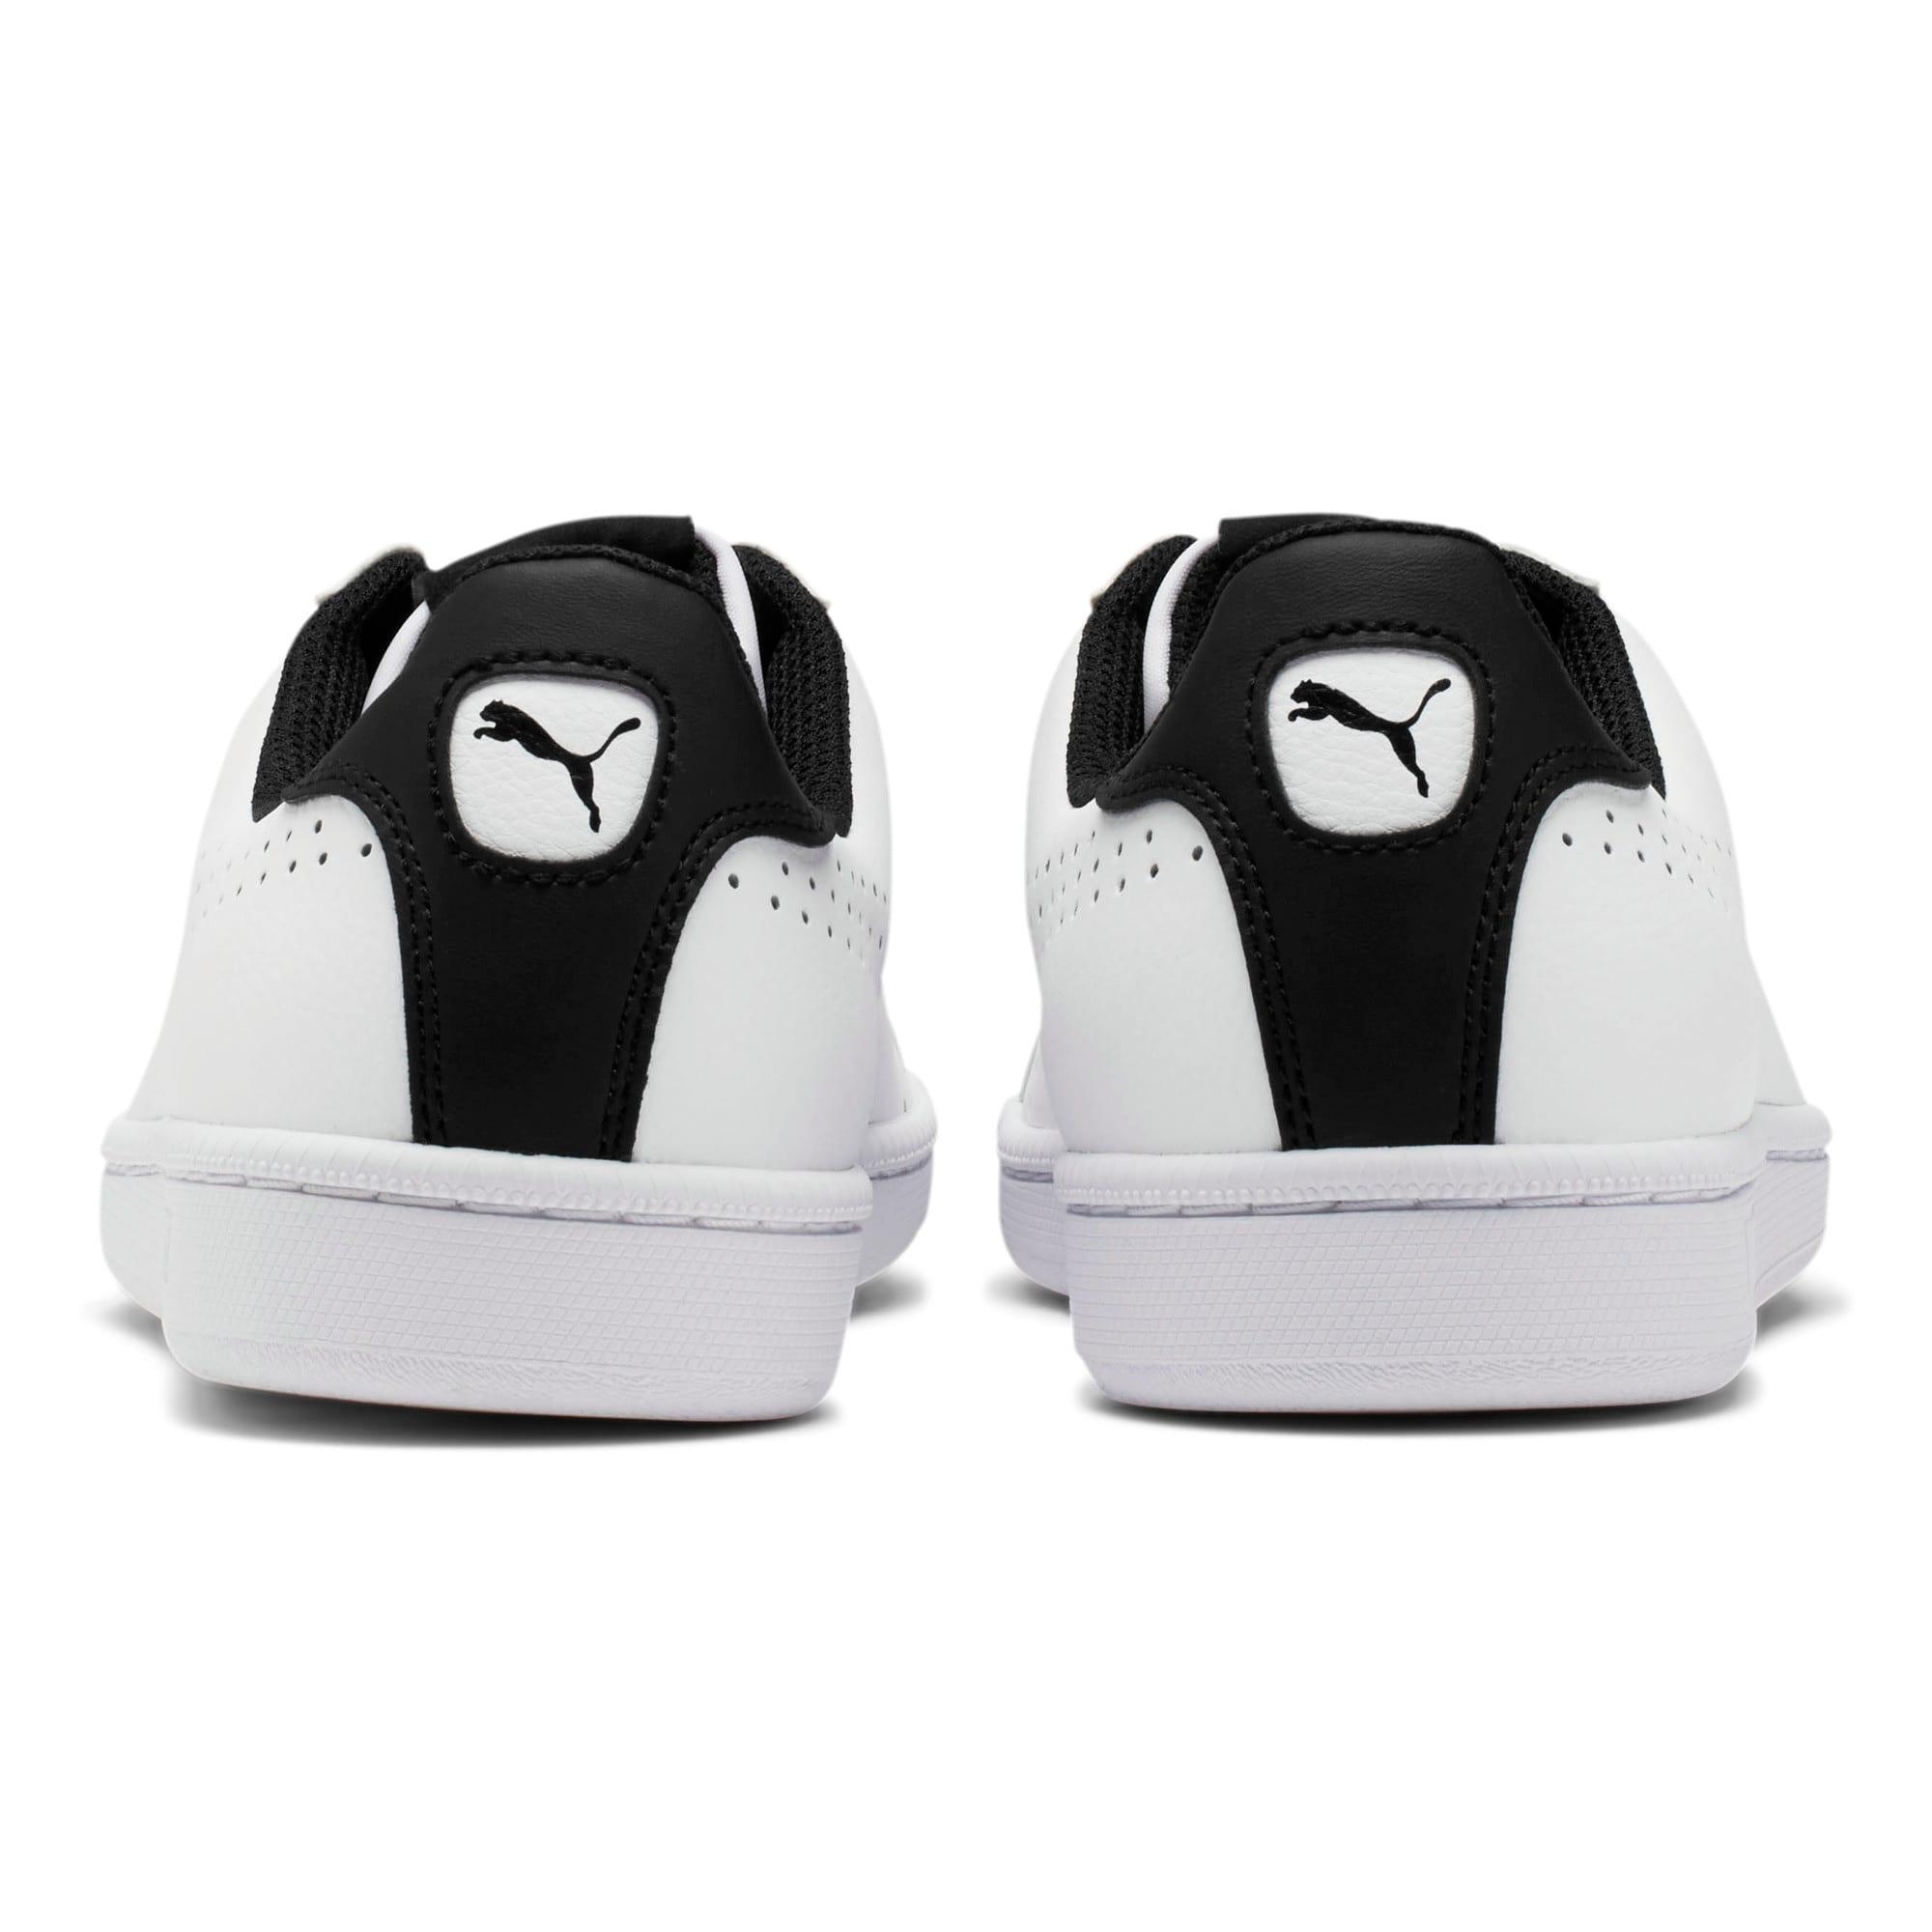 Thumbnail 3 of PUMA Smash Perf Sneakers, Puma White-Puma Black, medium